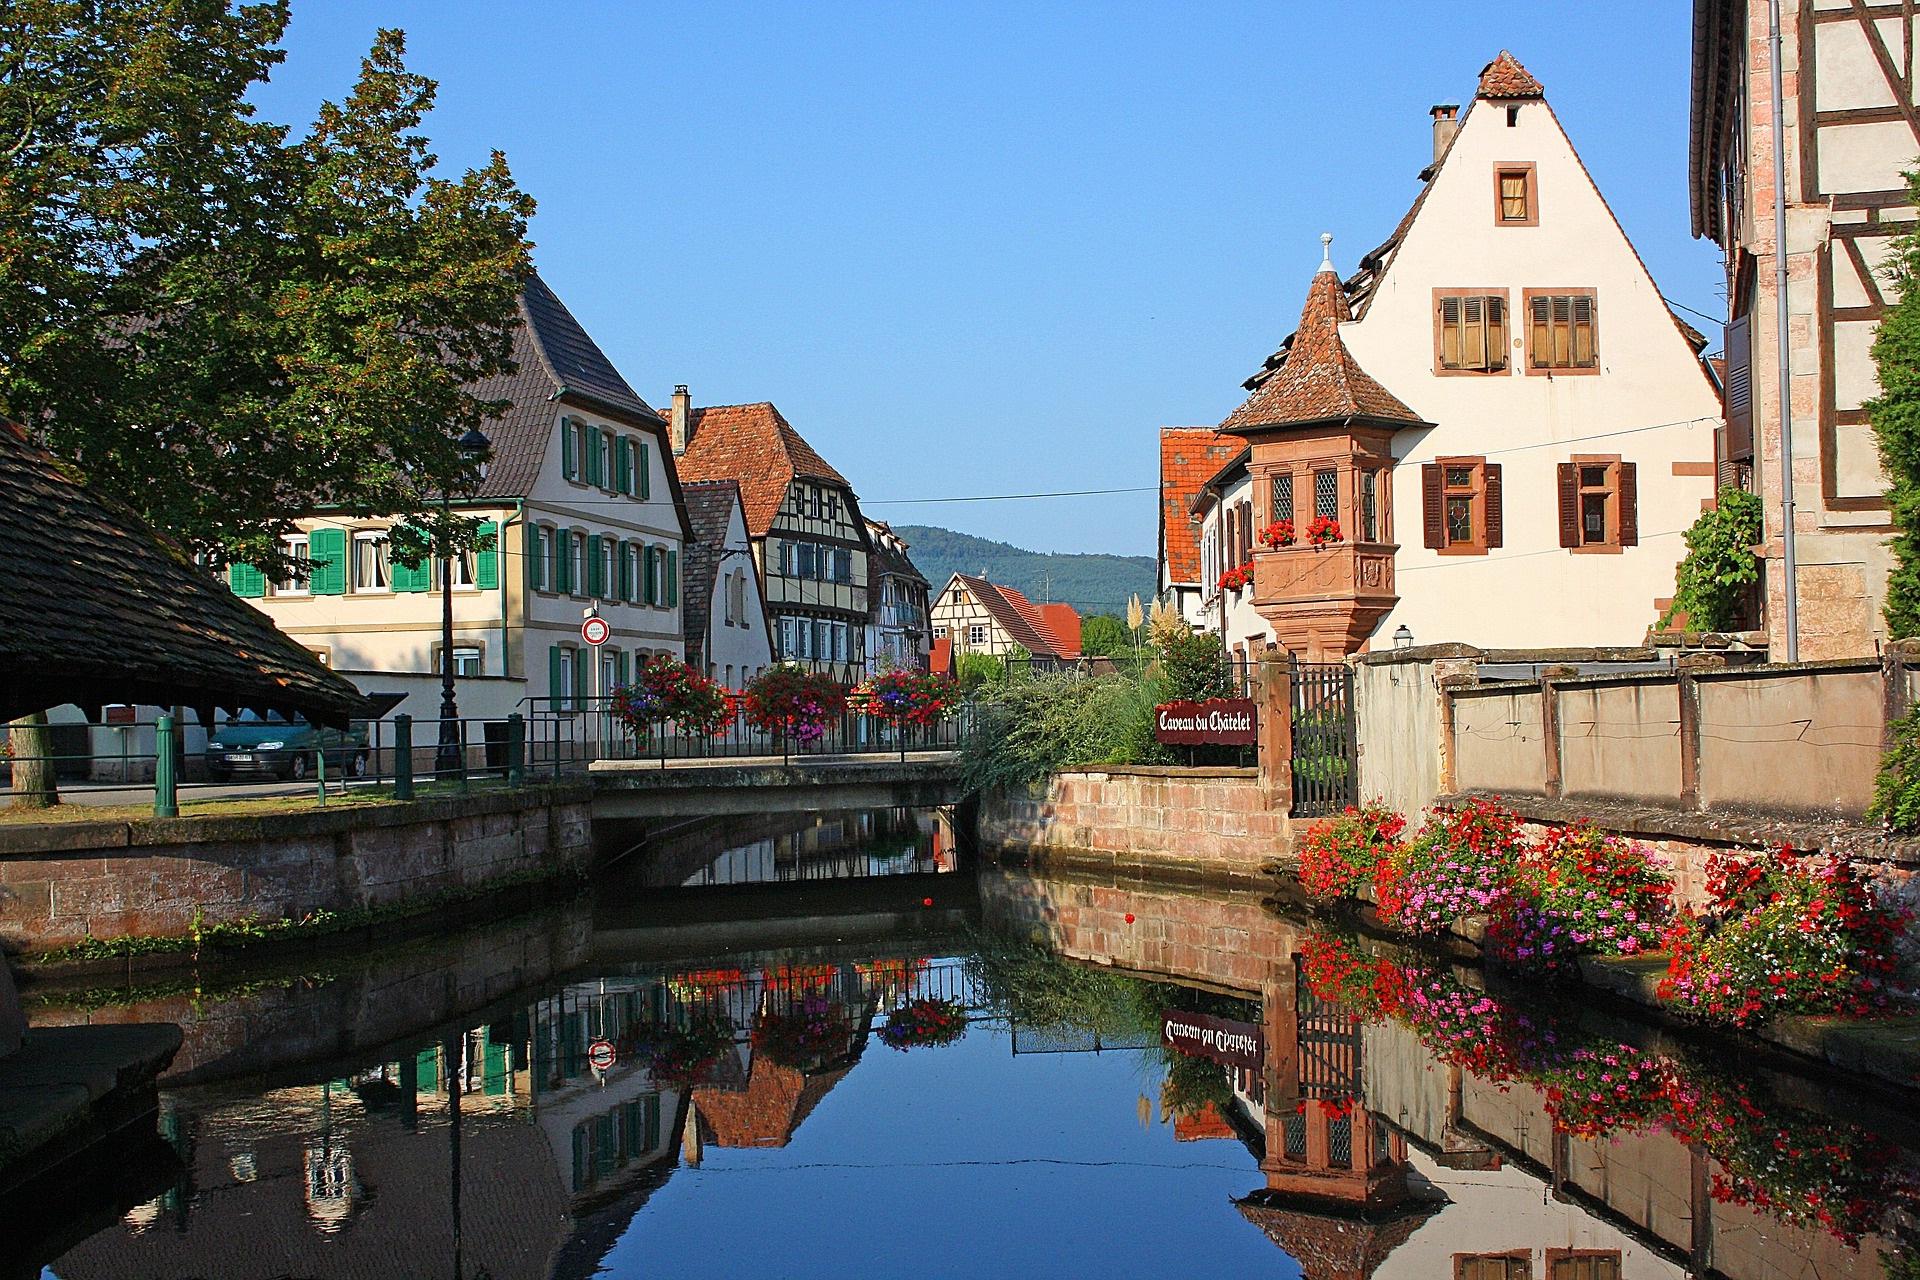 Pourquoi privilégier un hôtel de charme pour son séjour en Alsace?